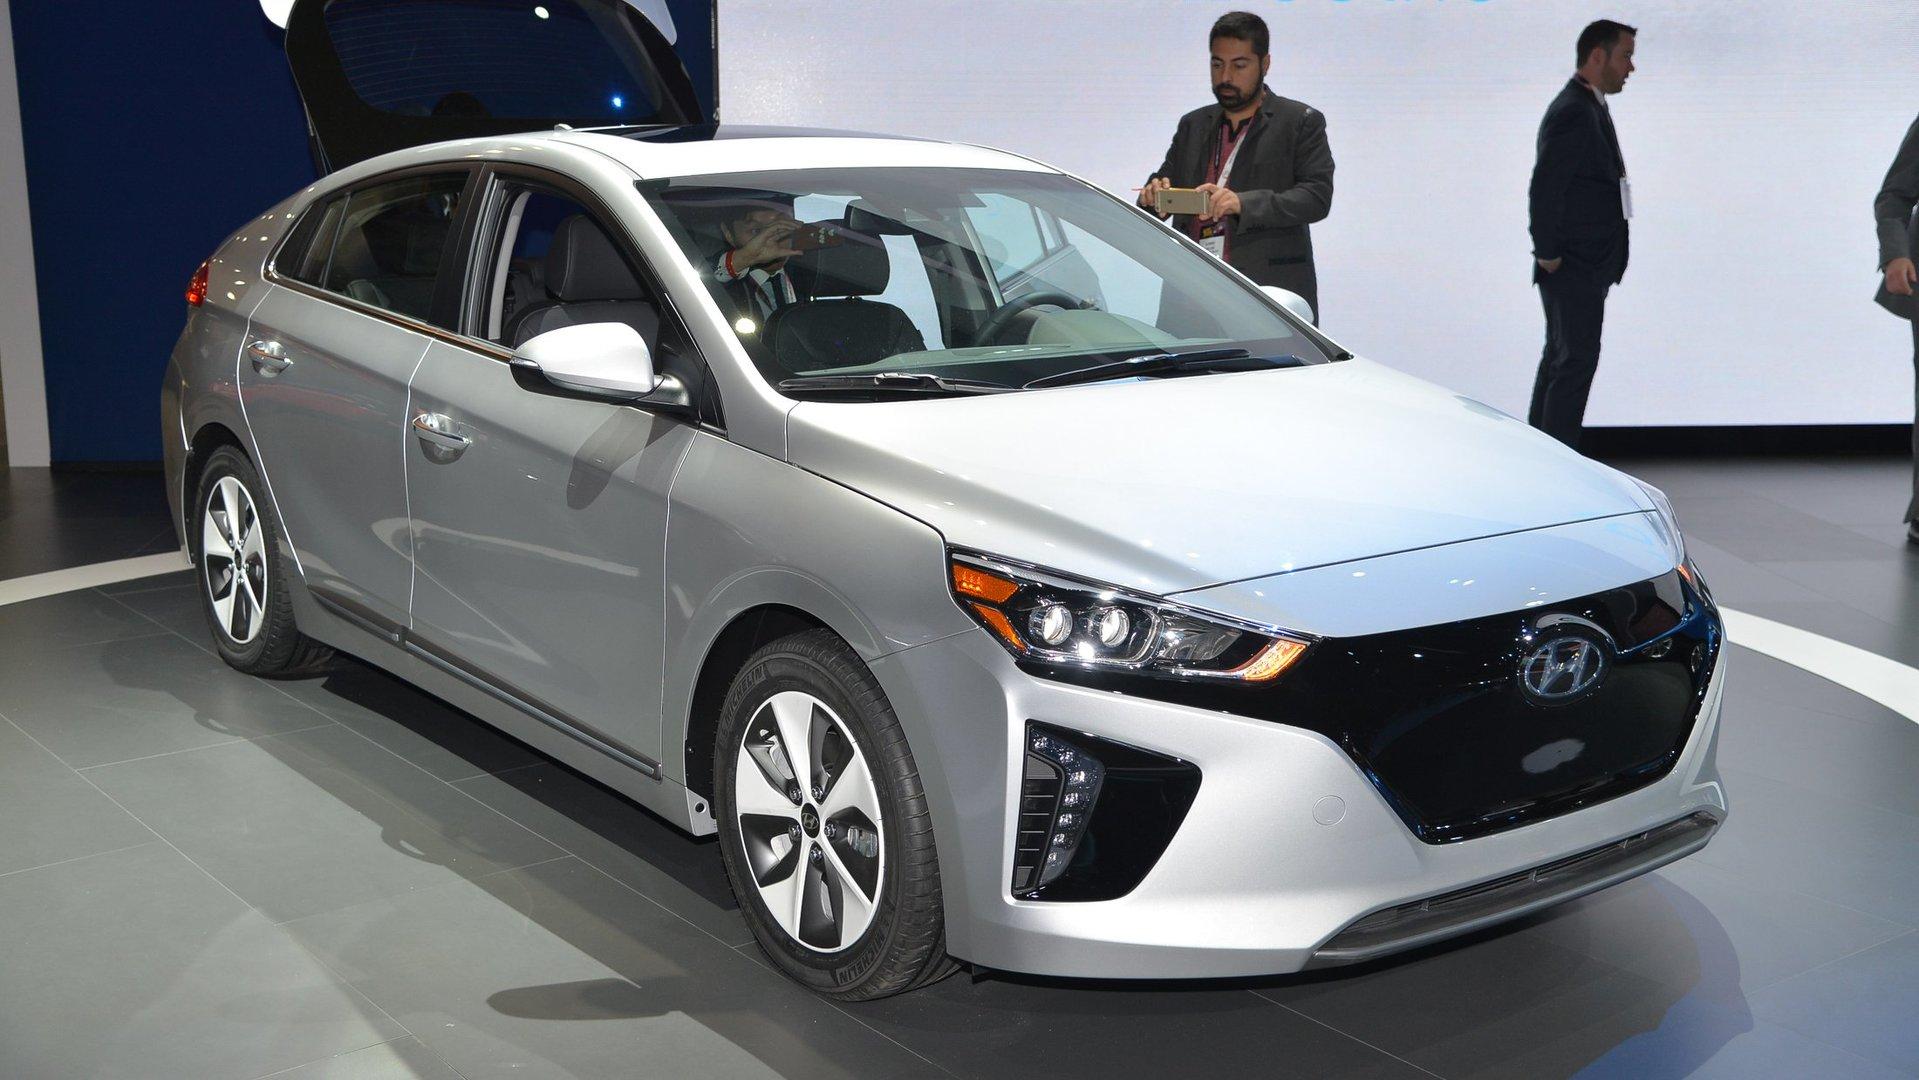 Hyundai Ioniq Ev >> Hyundai Ioniq Ev To Have 250 Mile Range By 2020